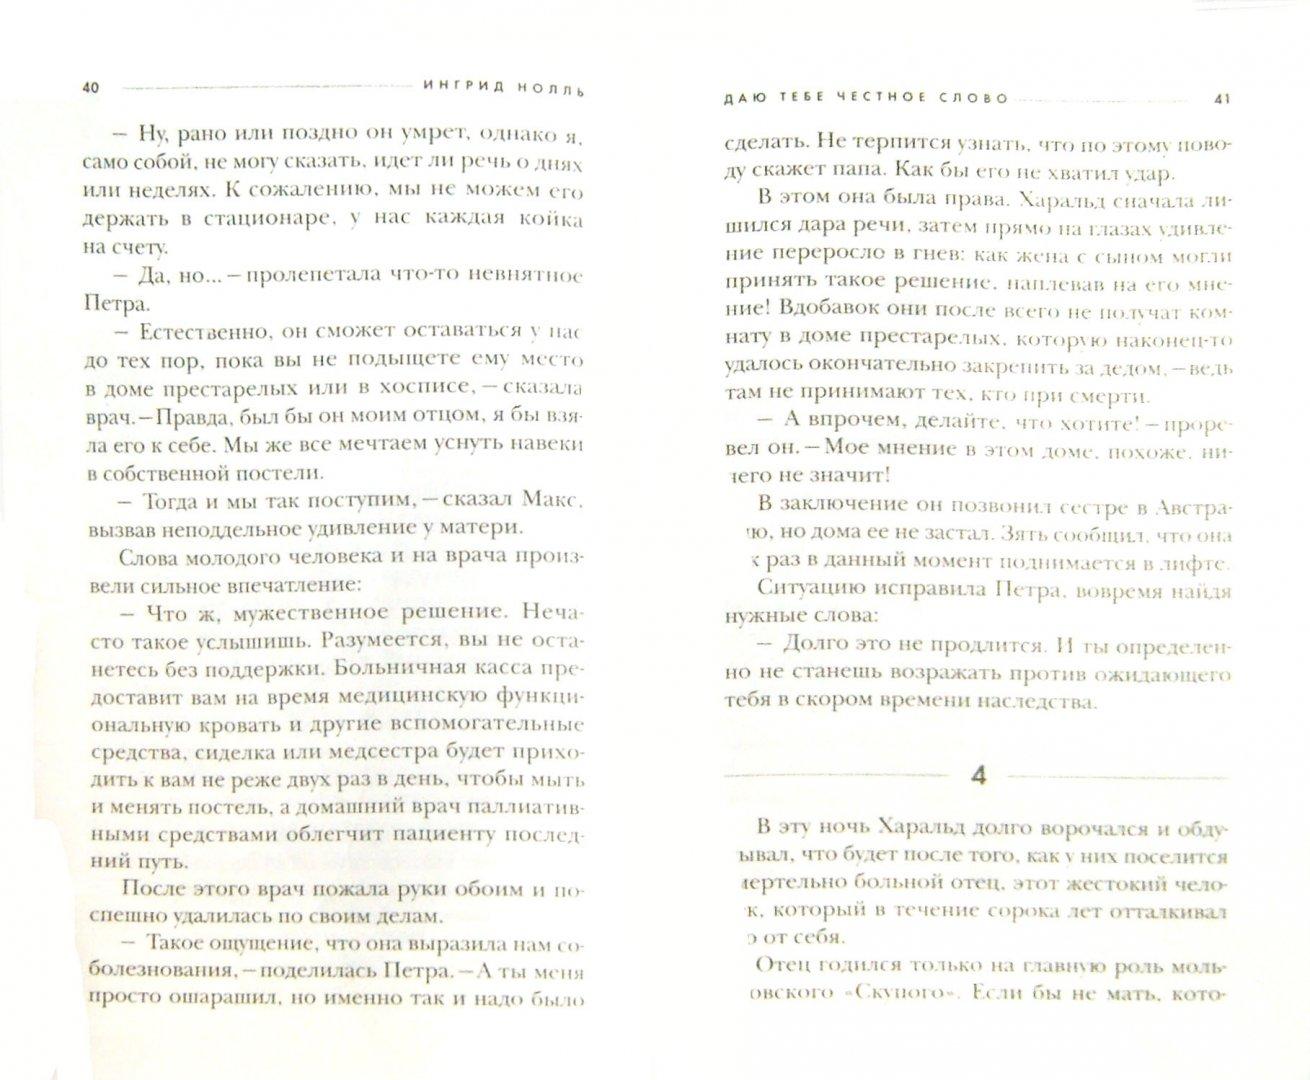 Иллюстрация 1 из 7 для Даю тебе честное слово - Ингрид Нолль   Лабиринт - книги. Источник: Лабиринт